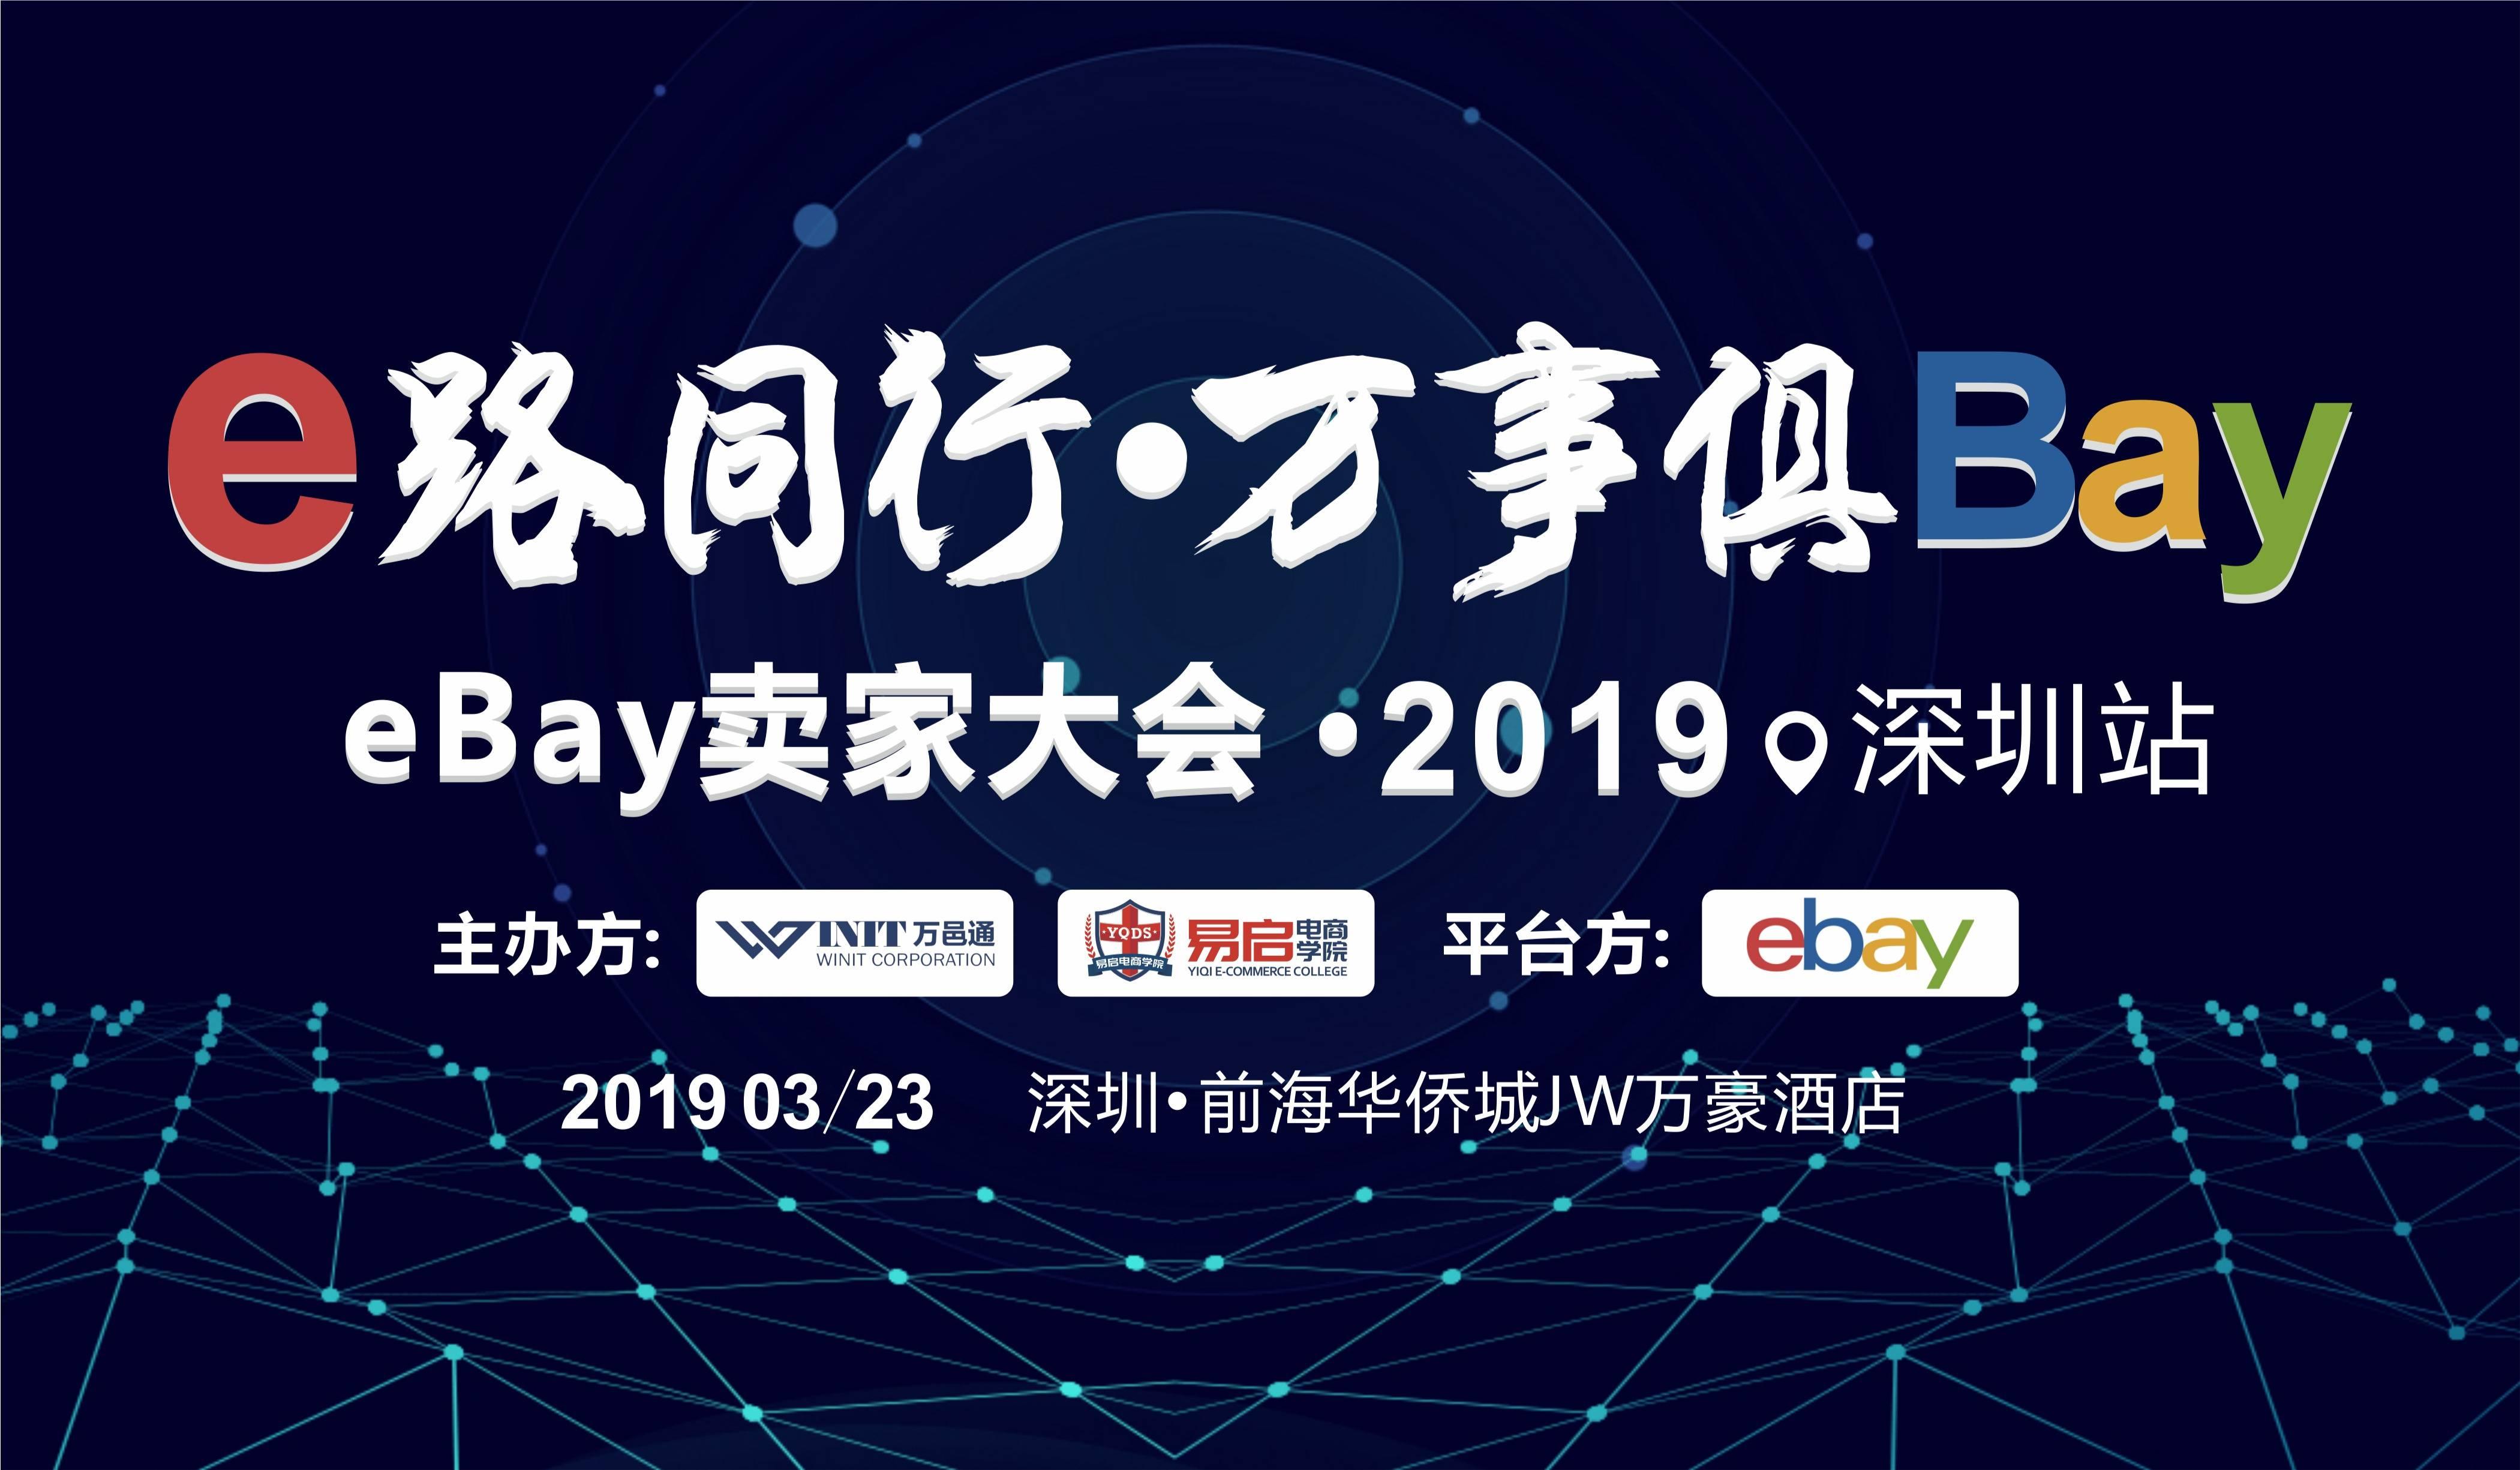 互動吧-e路同行*萬事俱Bay —— eBay賣家大會*2019全國巡回系列活動*深圳站